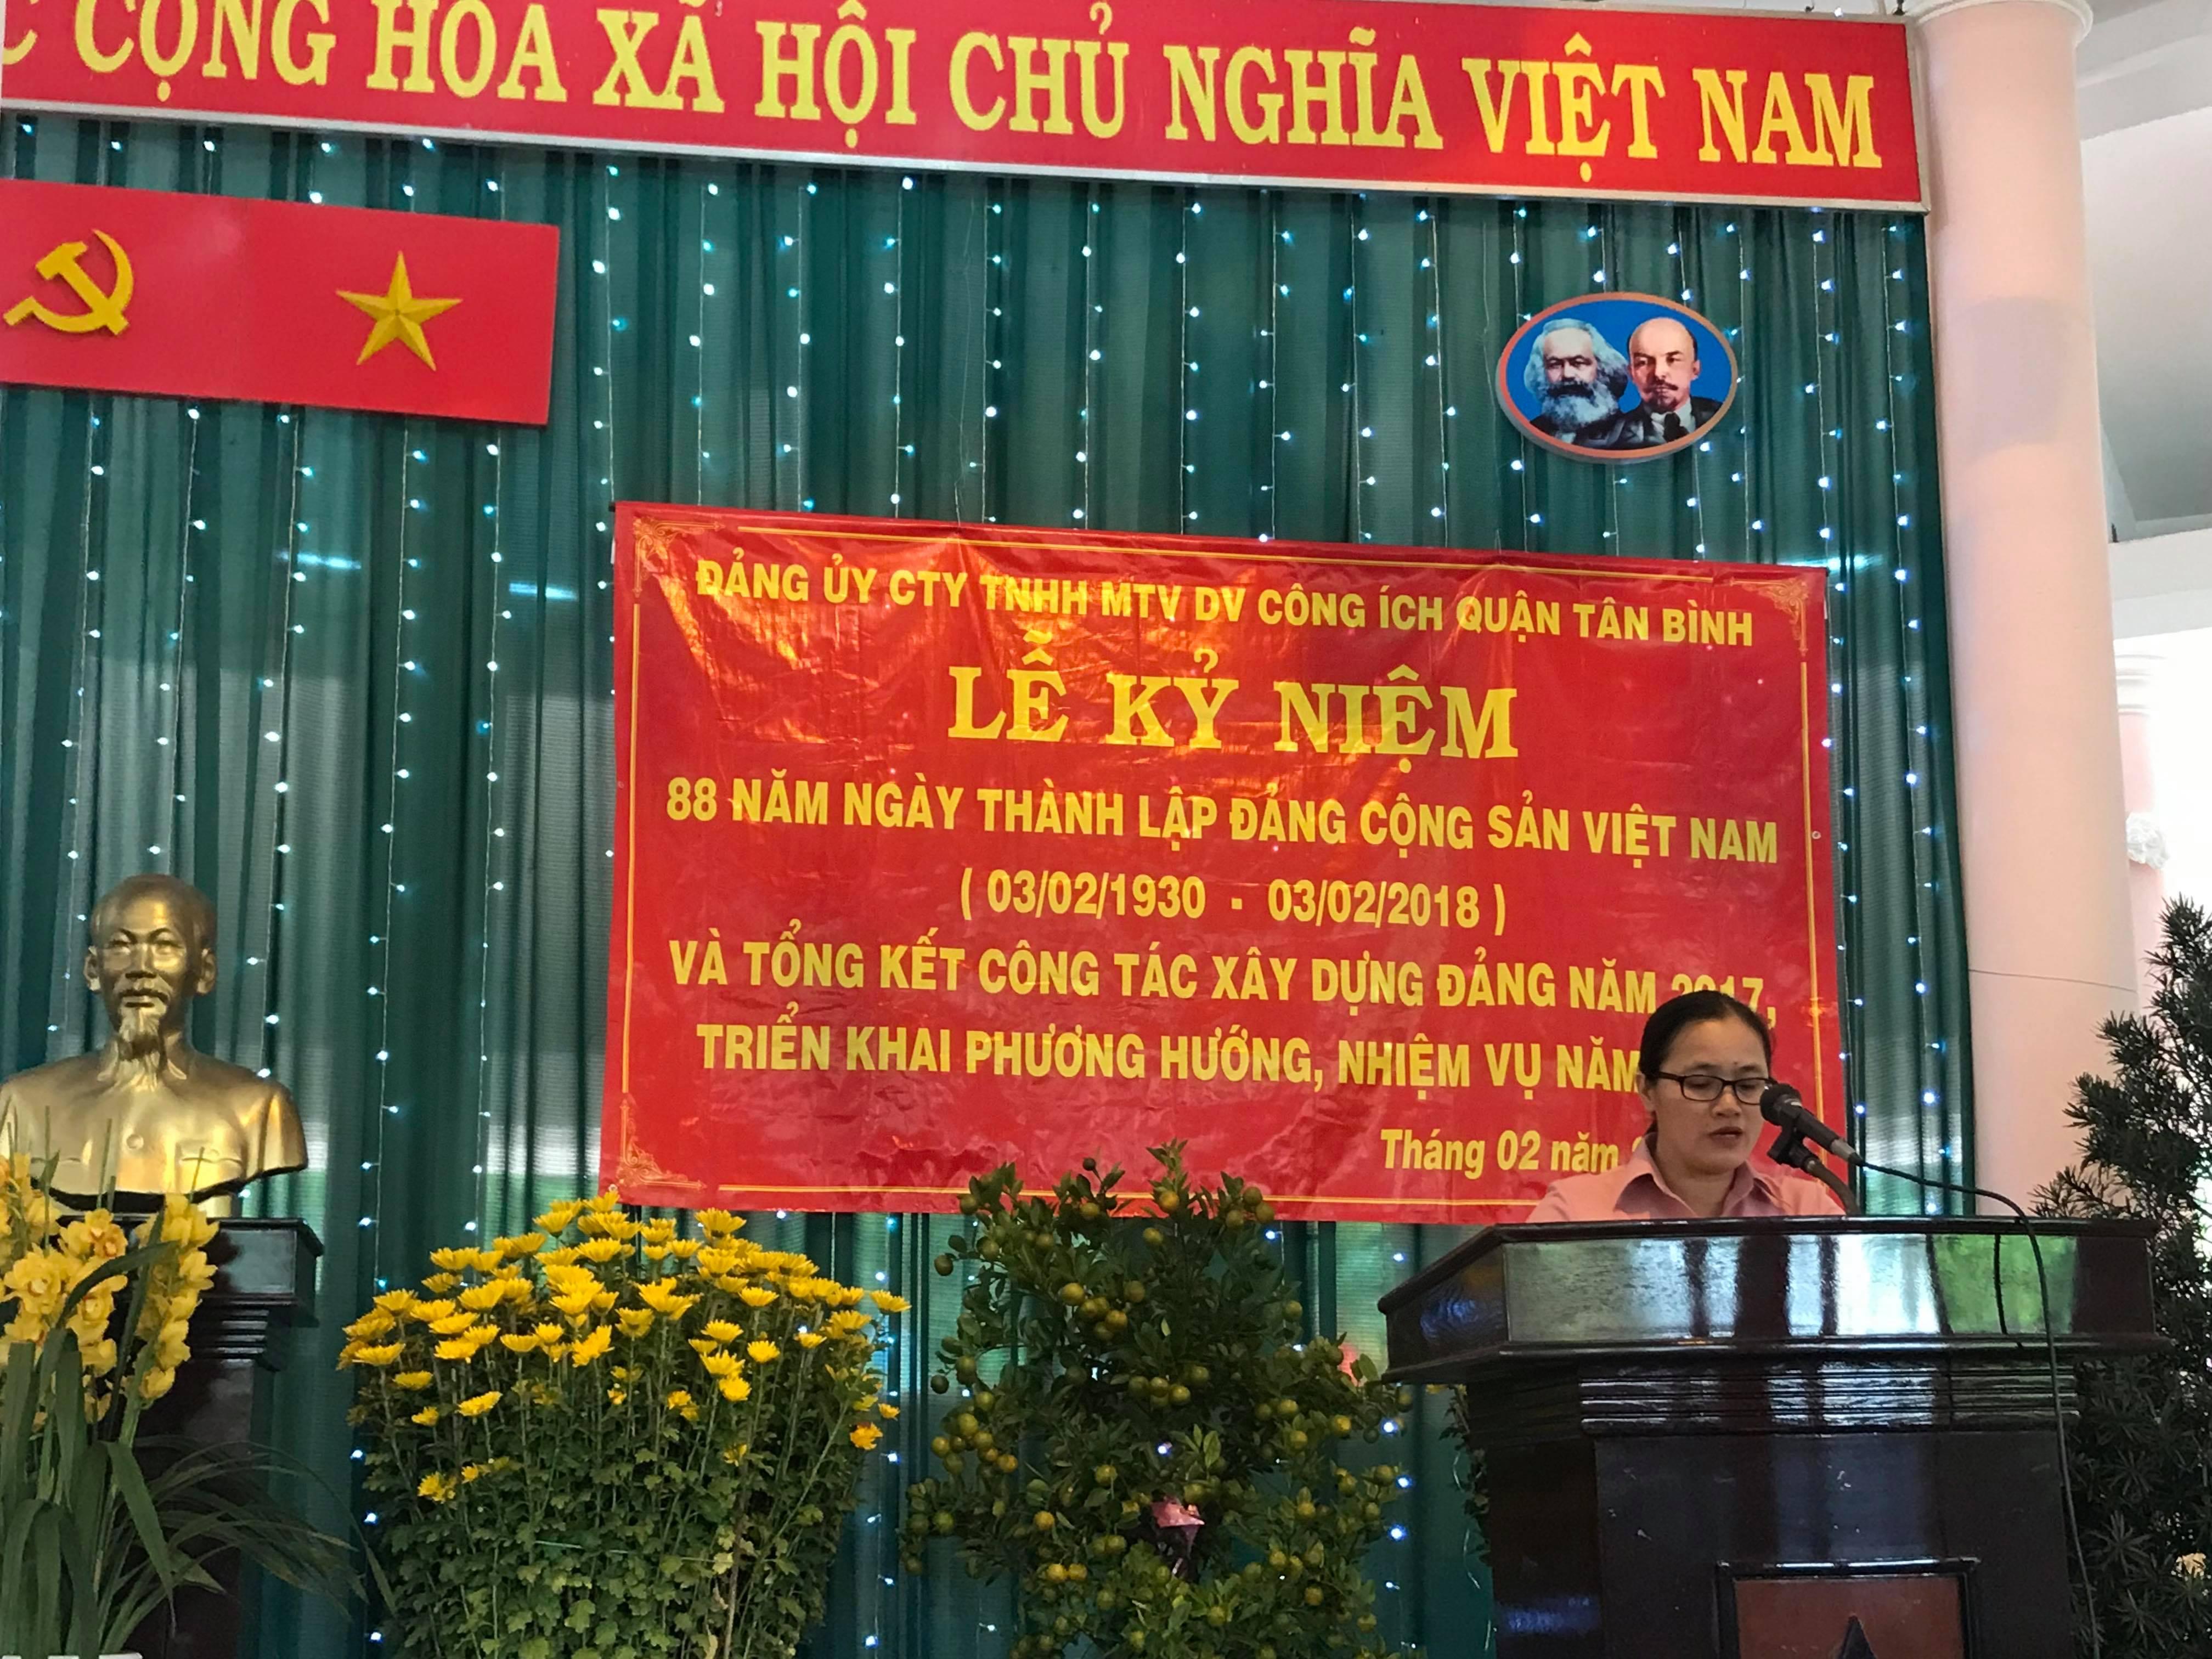 Lễ kỷ niệm 88 năm ngày thành lập Đảng cộng sản Việt Nam